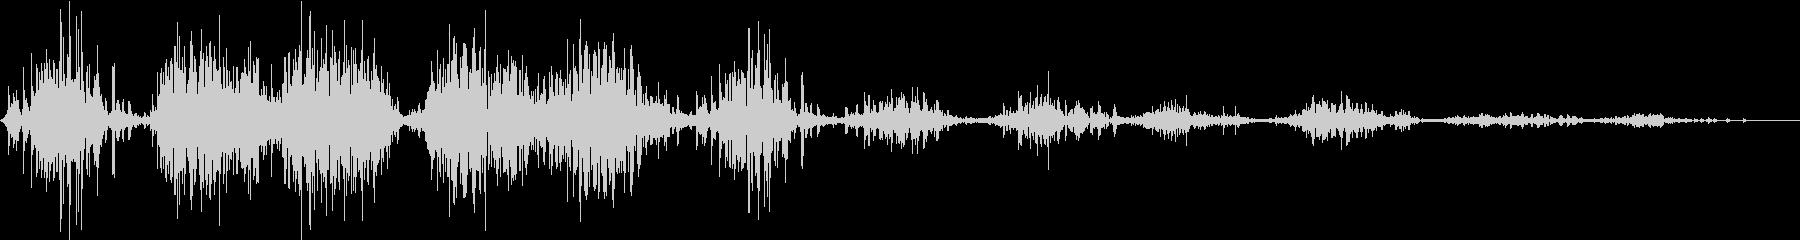 モンスター 笑い声 03の未再生の波形